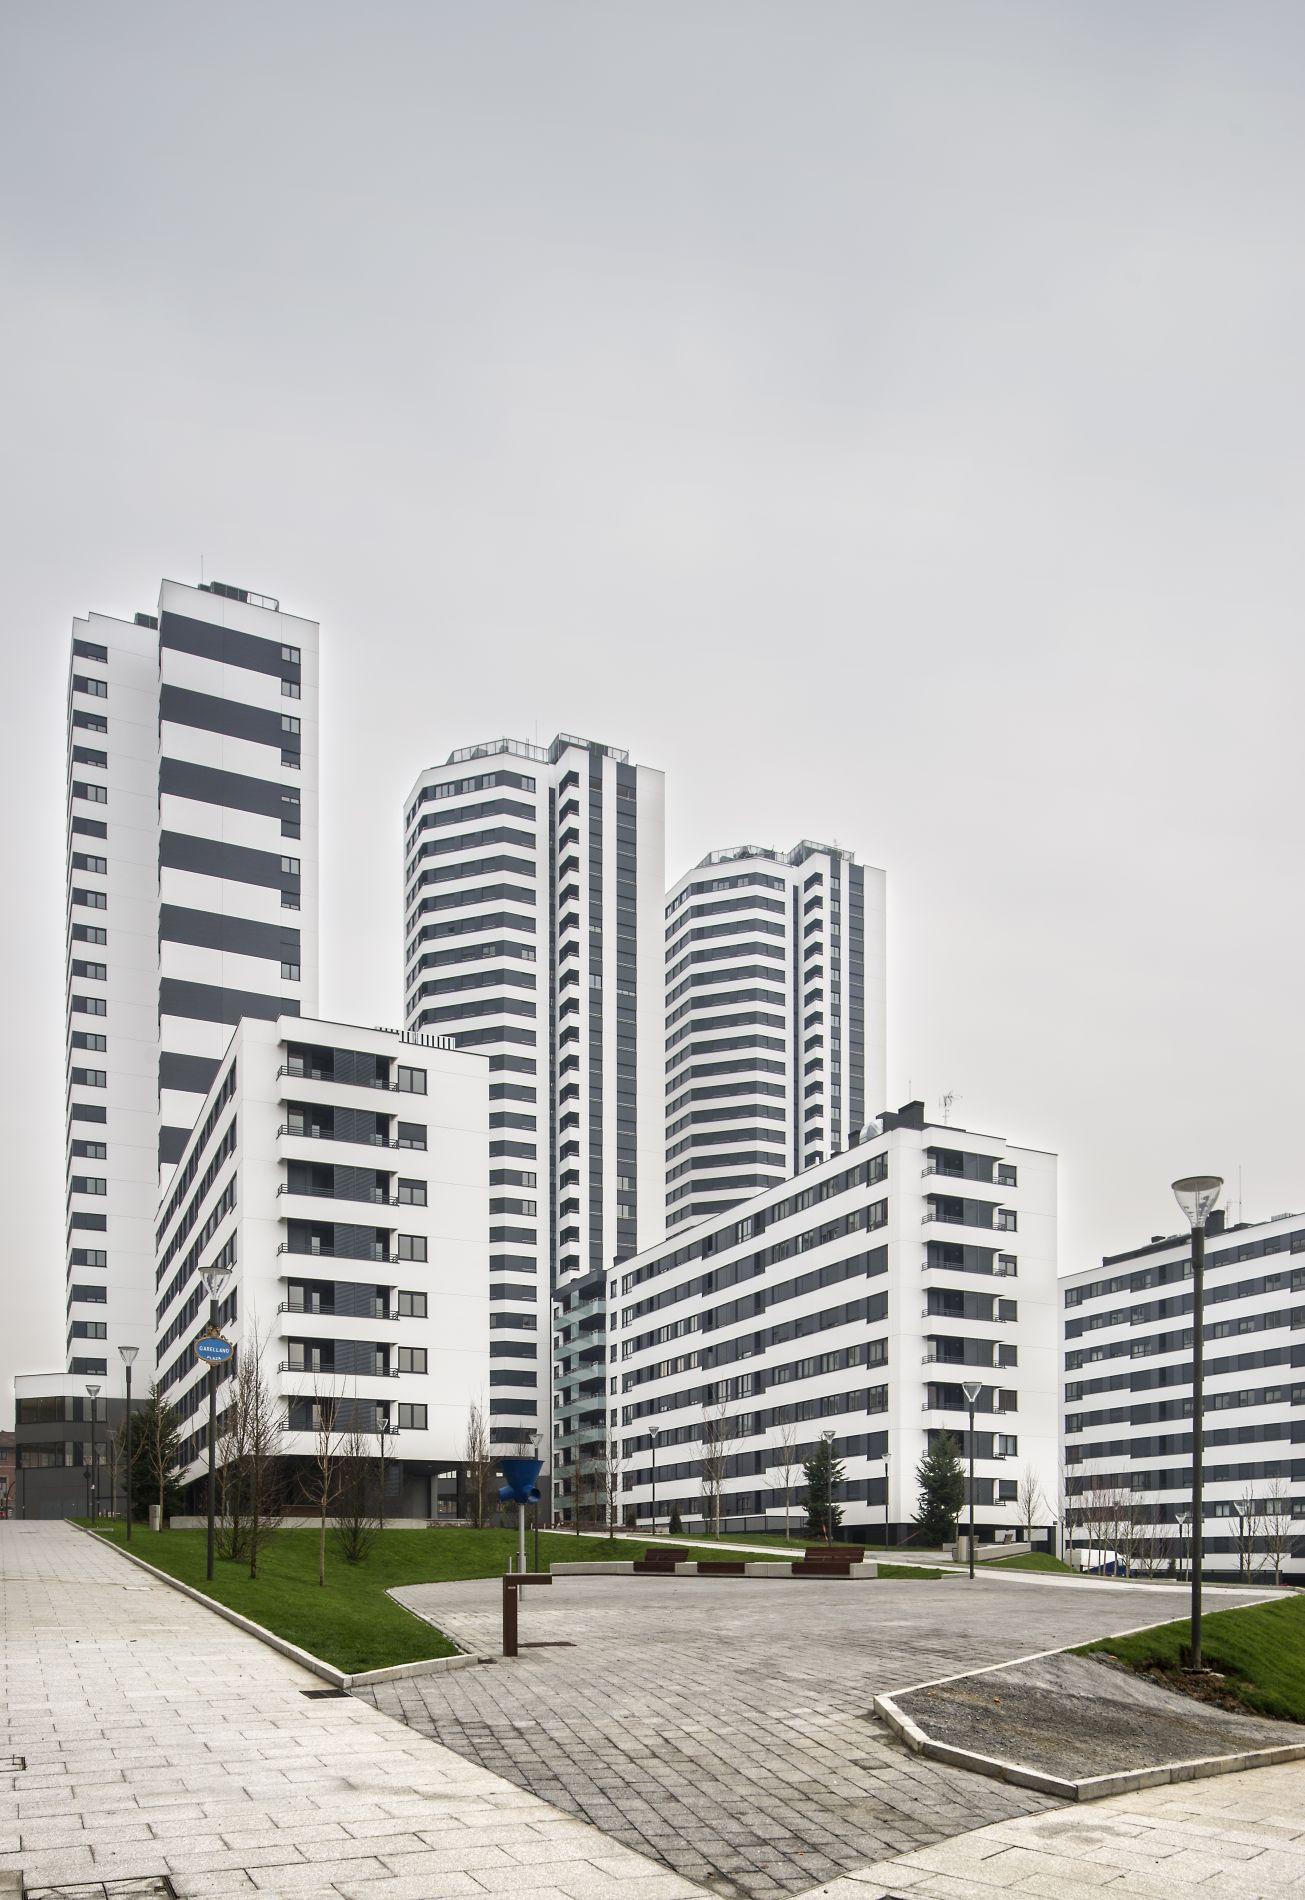 Fiark - 318 Viviendas VPO y 289 tasadas en Bilbao 3